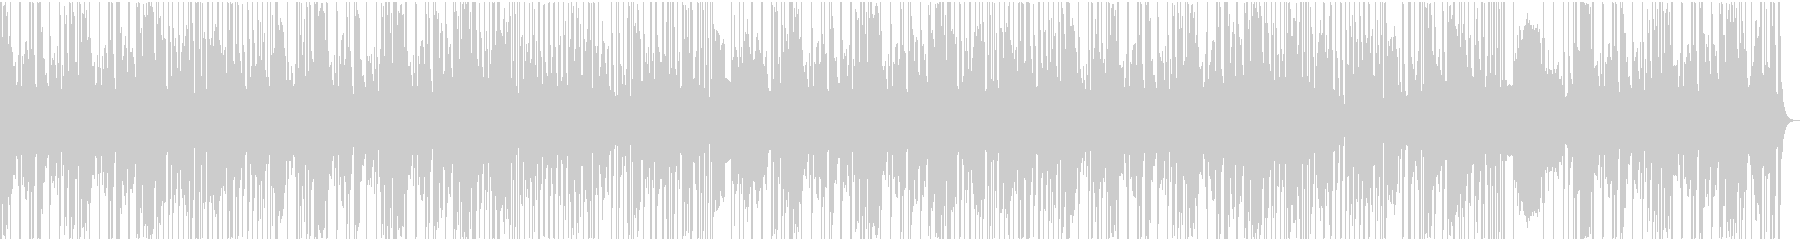 けだるいベースのFunk系BGMの未再生の波形